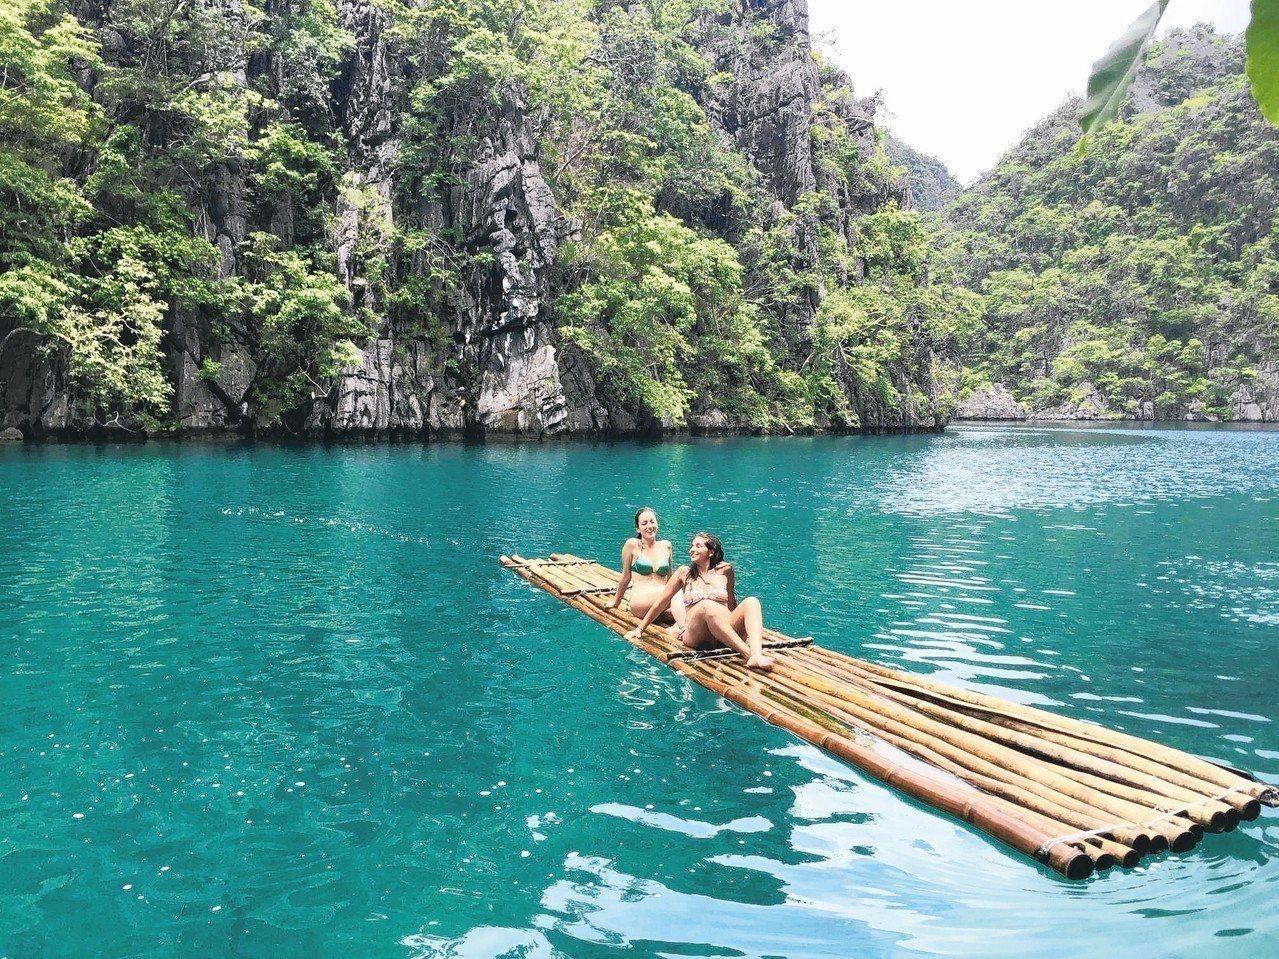 巴拉望公主港地下河流公園,有新世界七大奇景美譽。 圖/菲律賓觀光部提供